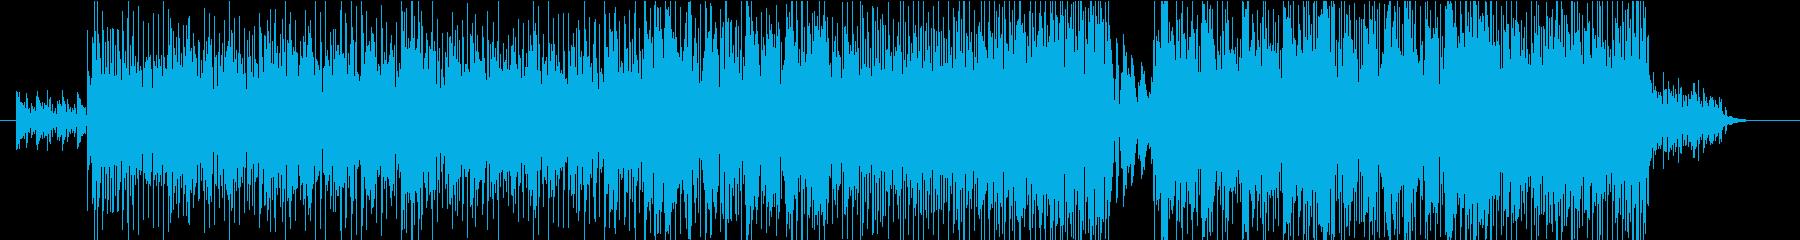 星屑の再生済みの波形